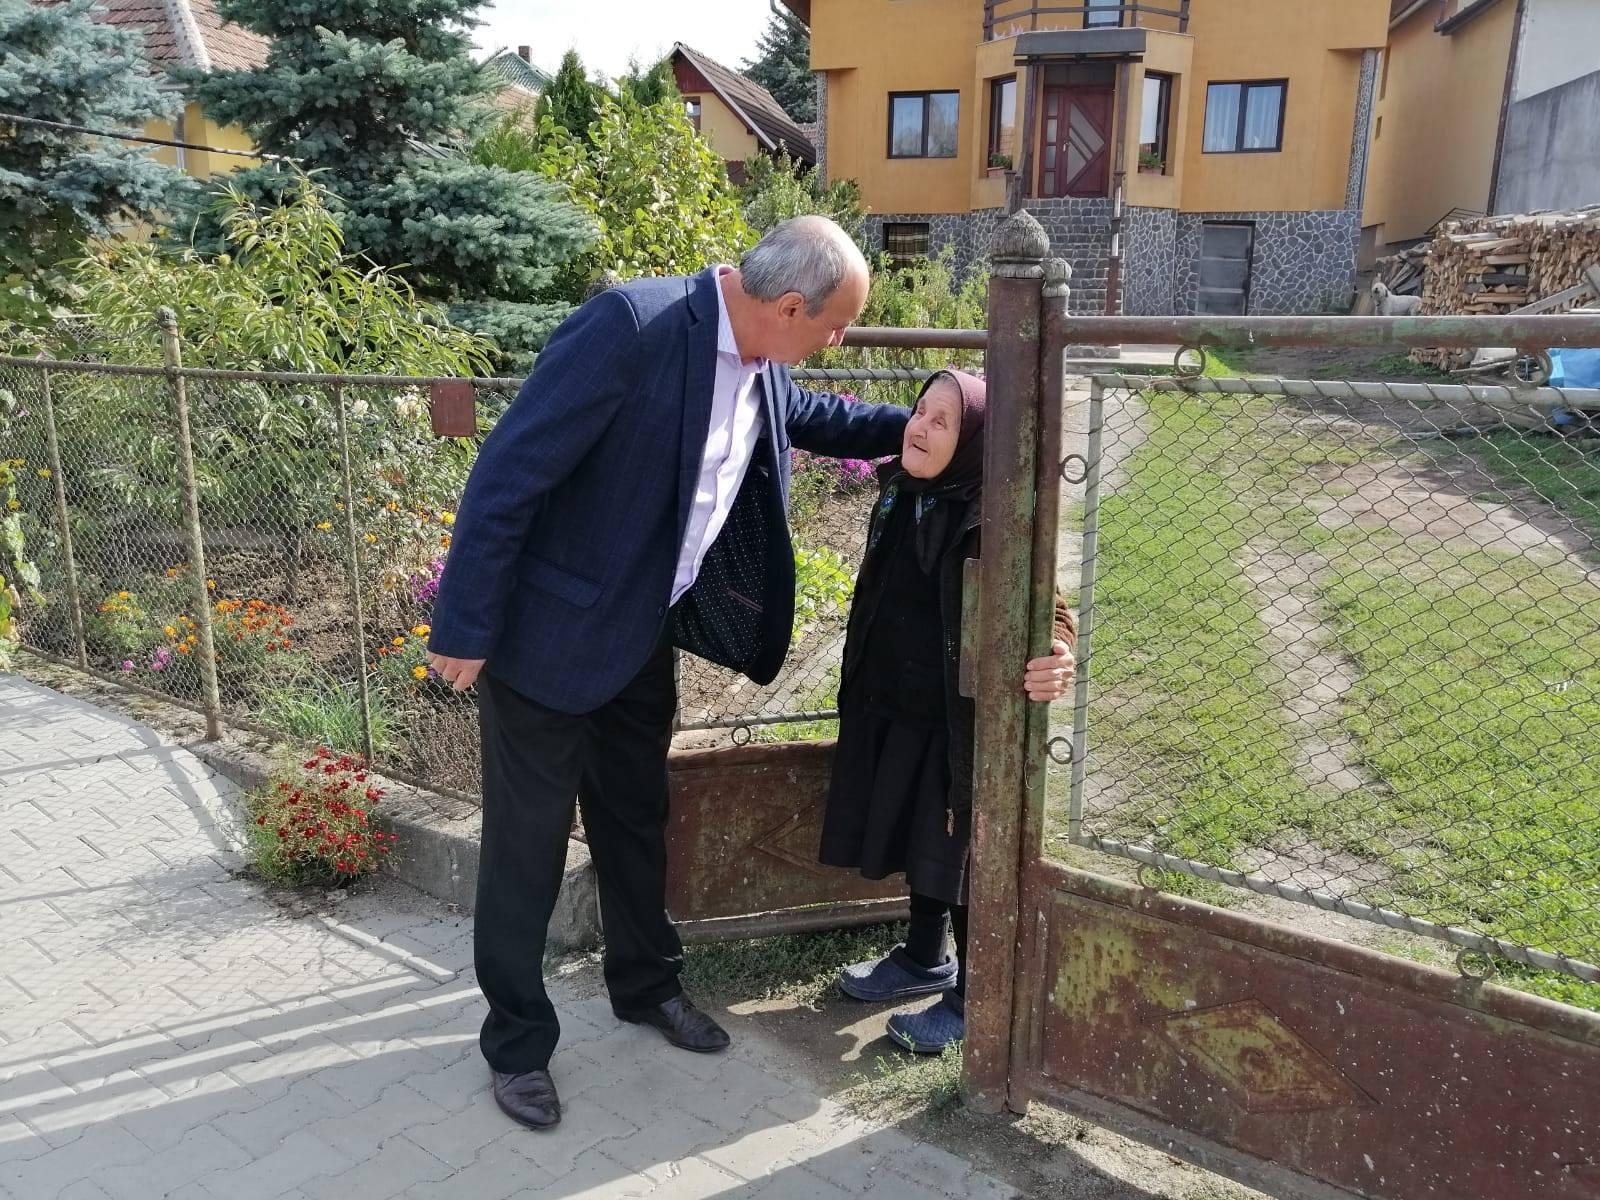 Primăria Zalău acordă atenție sporită persoanelor vârstnice